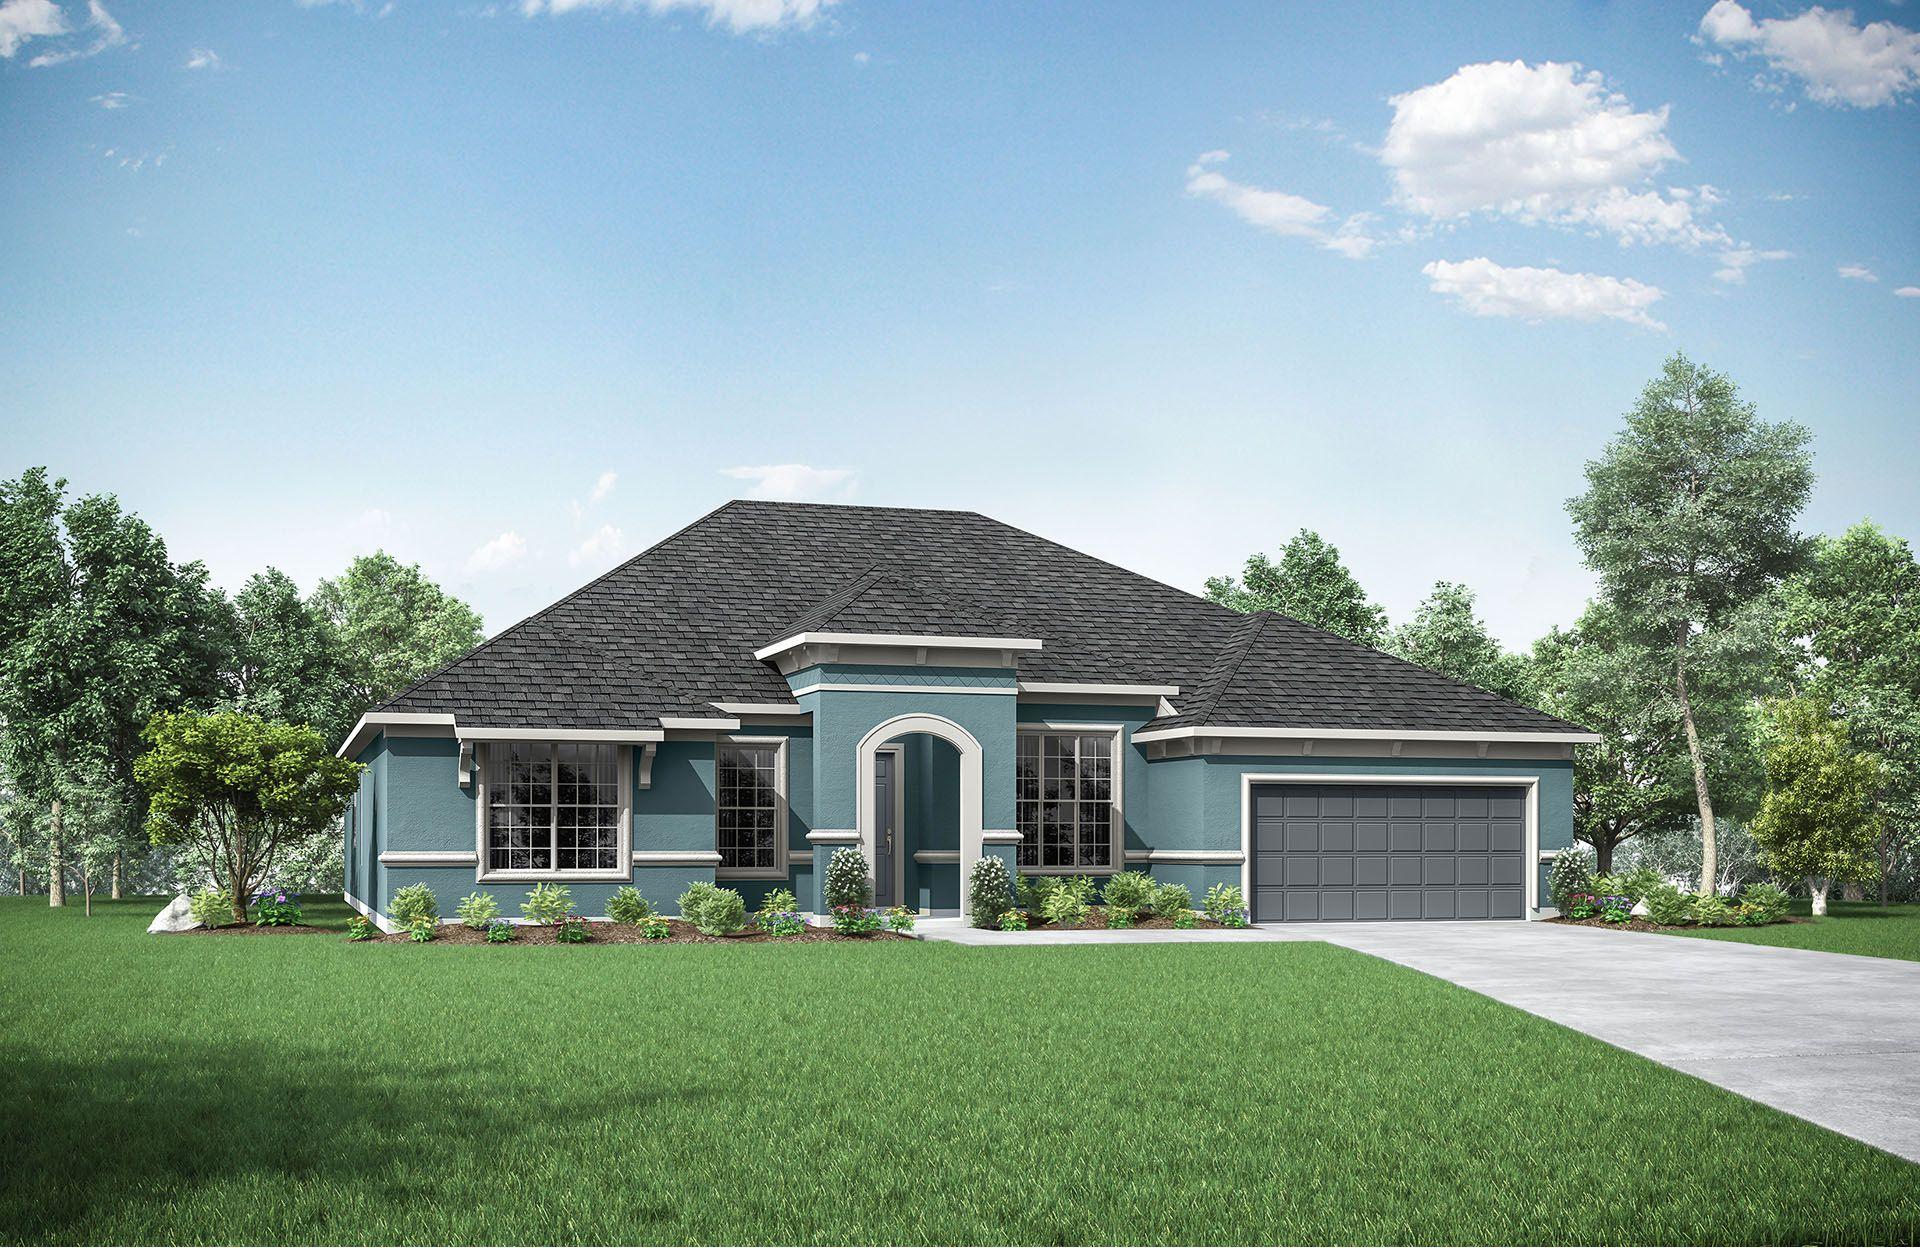 Single Family for Sale at Jacksonville Offsite - Durbin Jacksonville, Florida 32257 United States